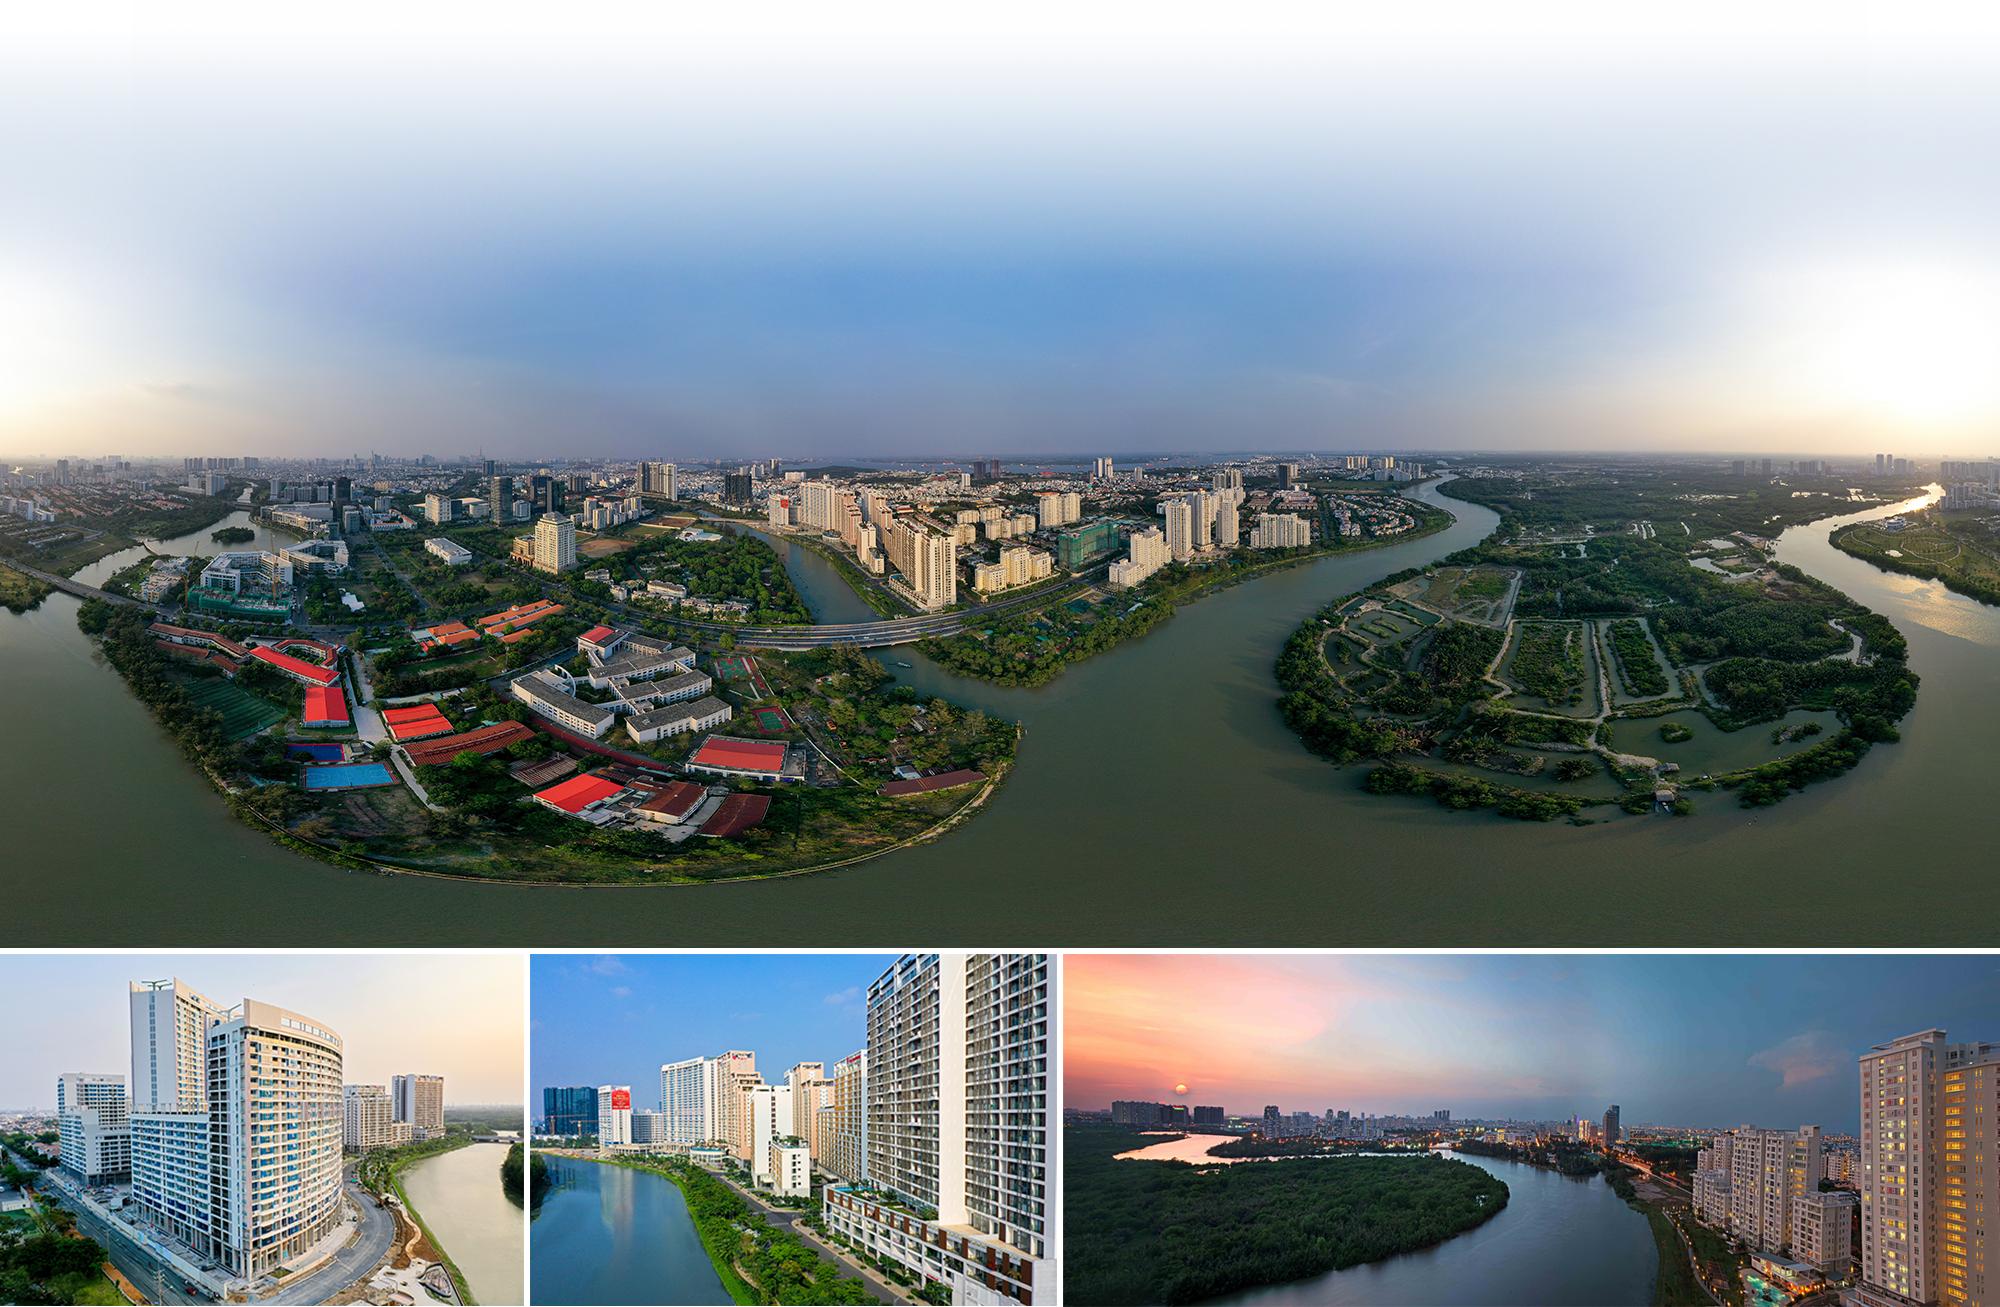 Dự án khu phức hợp ven sông lớn nhất Phú Mỹ Hưng chỉ còn 10% sản phẩm dành cho giới thượng lưu - Ảnh 12.